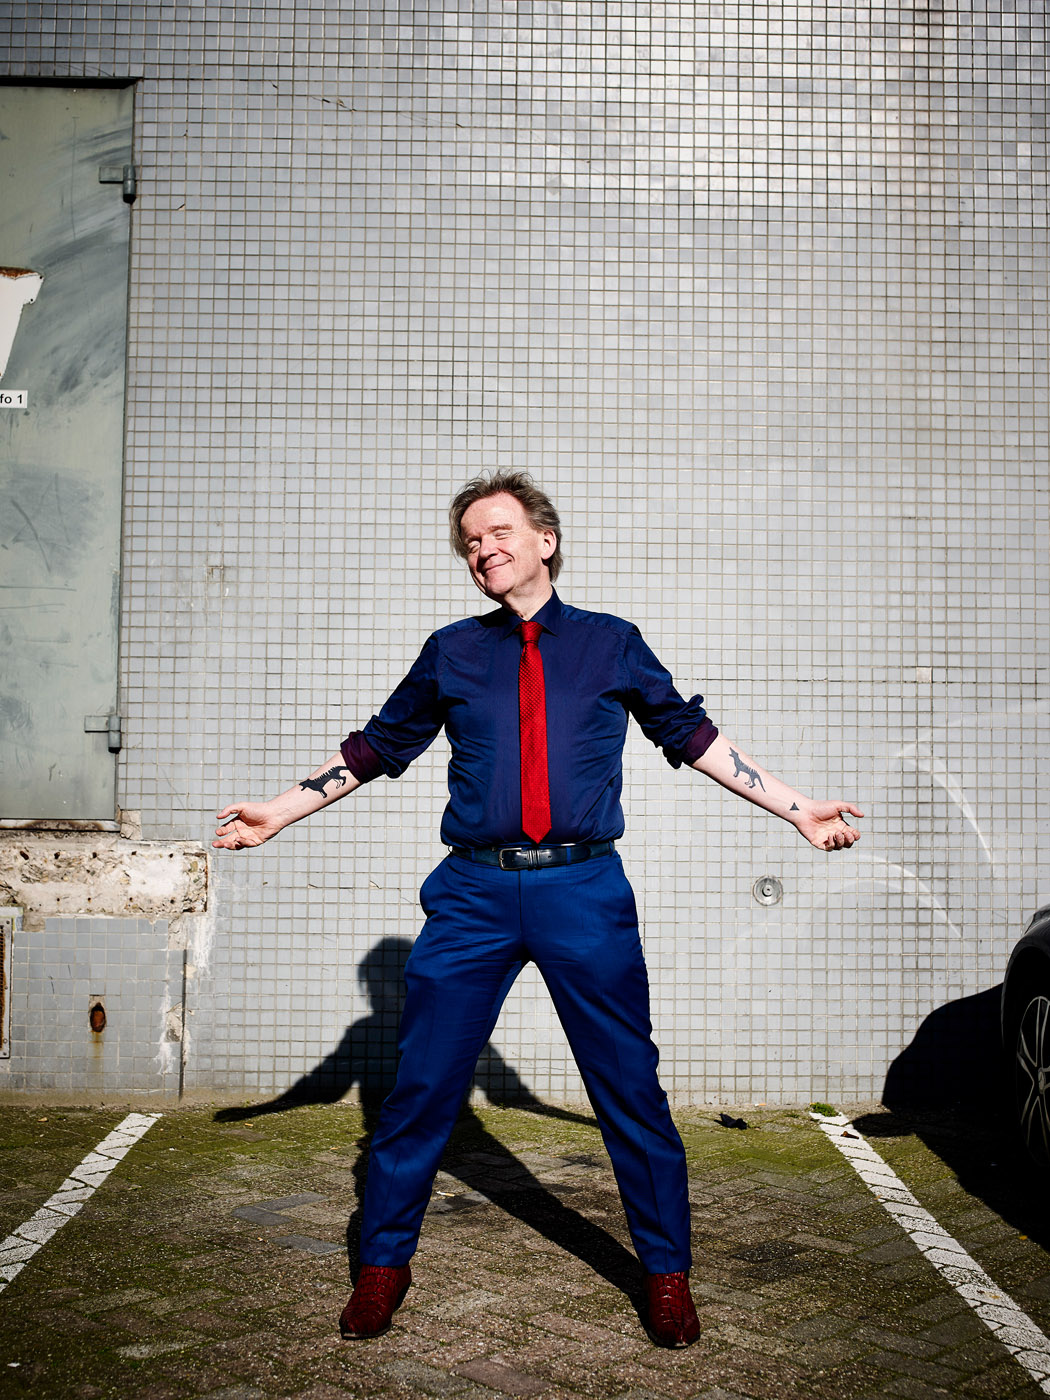 Nederland, Amsterdam, 24-03-2017 René ten Bos (1959) is de nieuwe Denker des Vaderlands en hoogleraar filosofie aan de Radboud Universiteit Nijmegen. PHOTO AND COPYRIGHT ROGER CREMERS